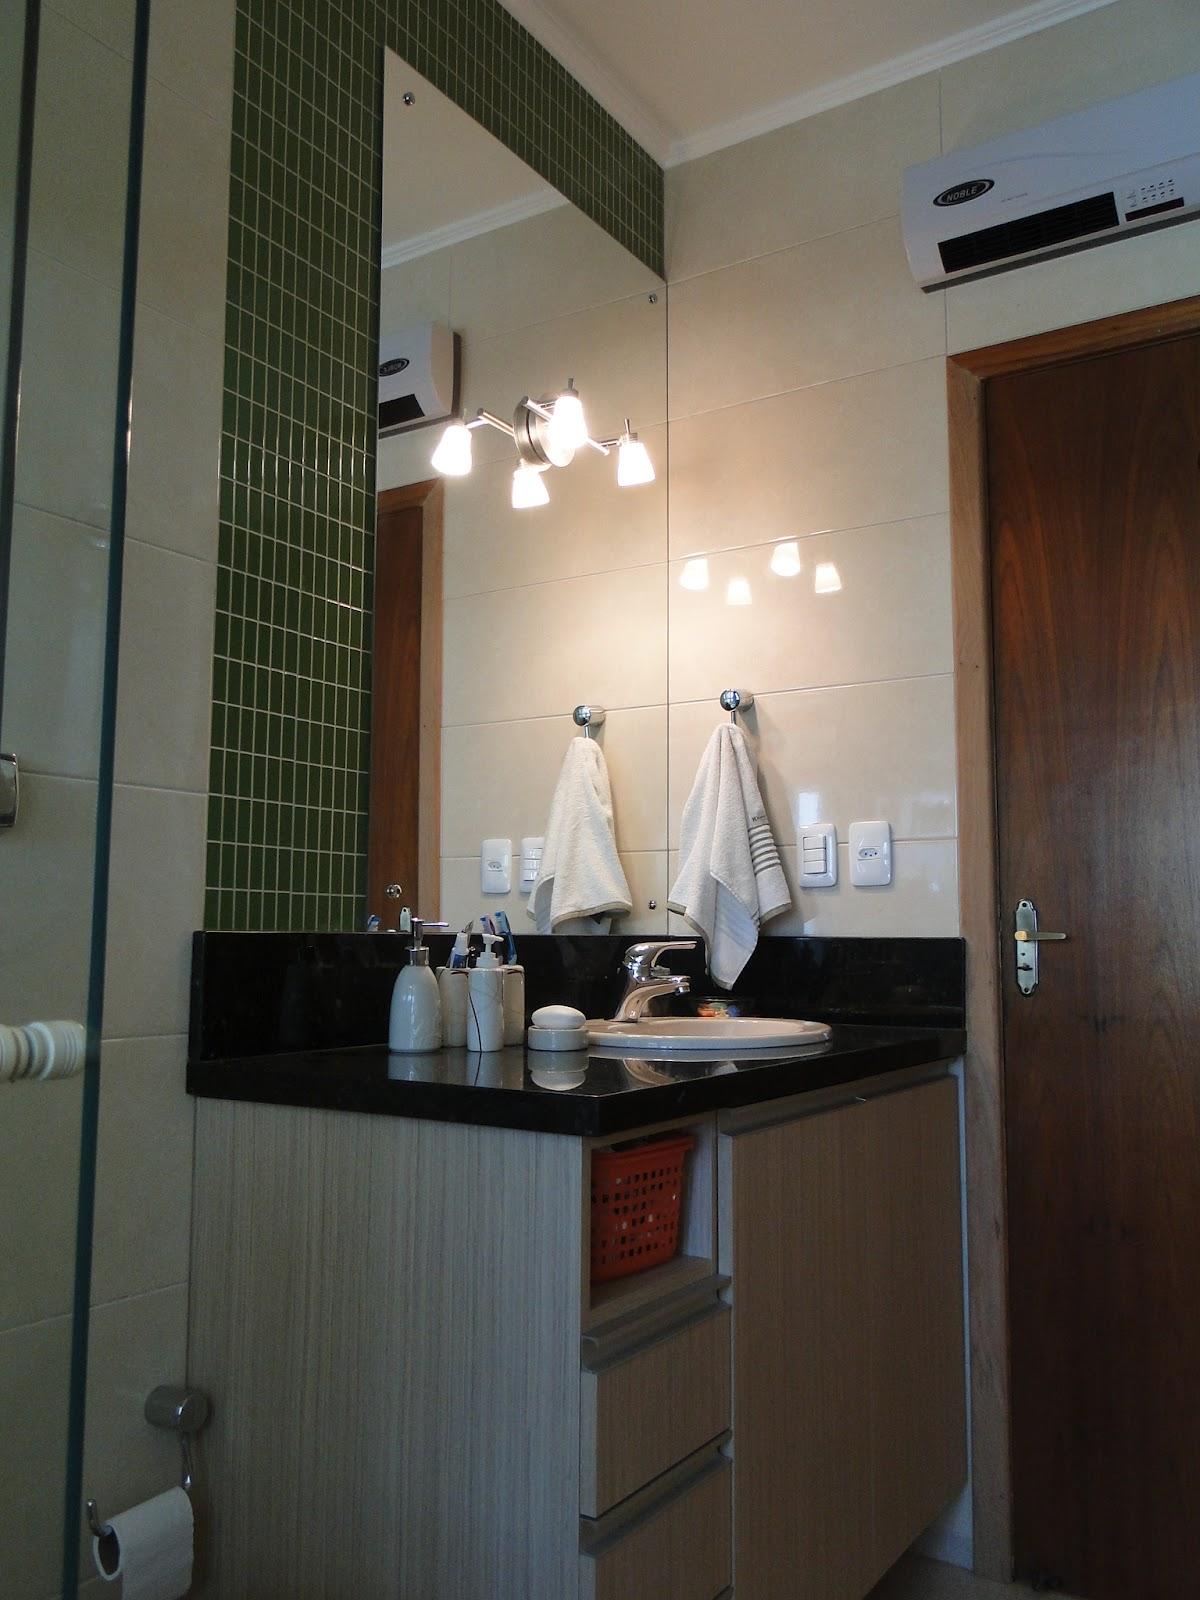 banheira. A respingadeira de 20cm dá elegancia e acabamento ao #836448 1200x1600 Acabamento Banheiro Com Banheira